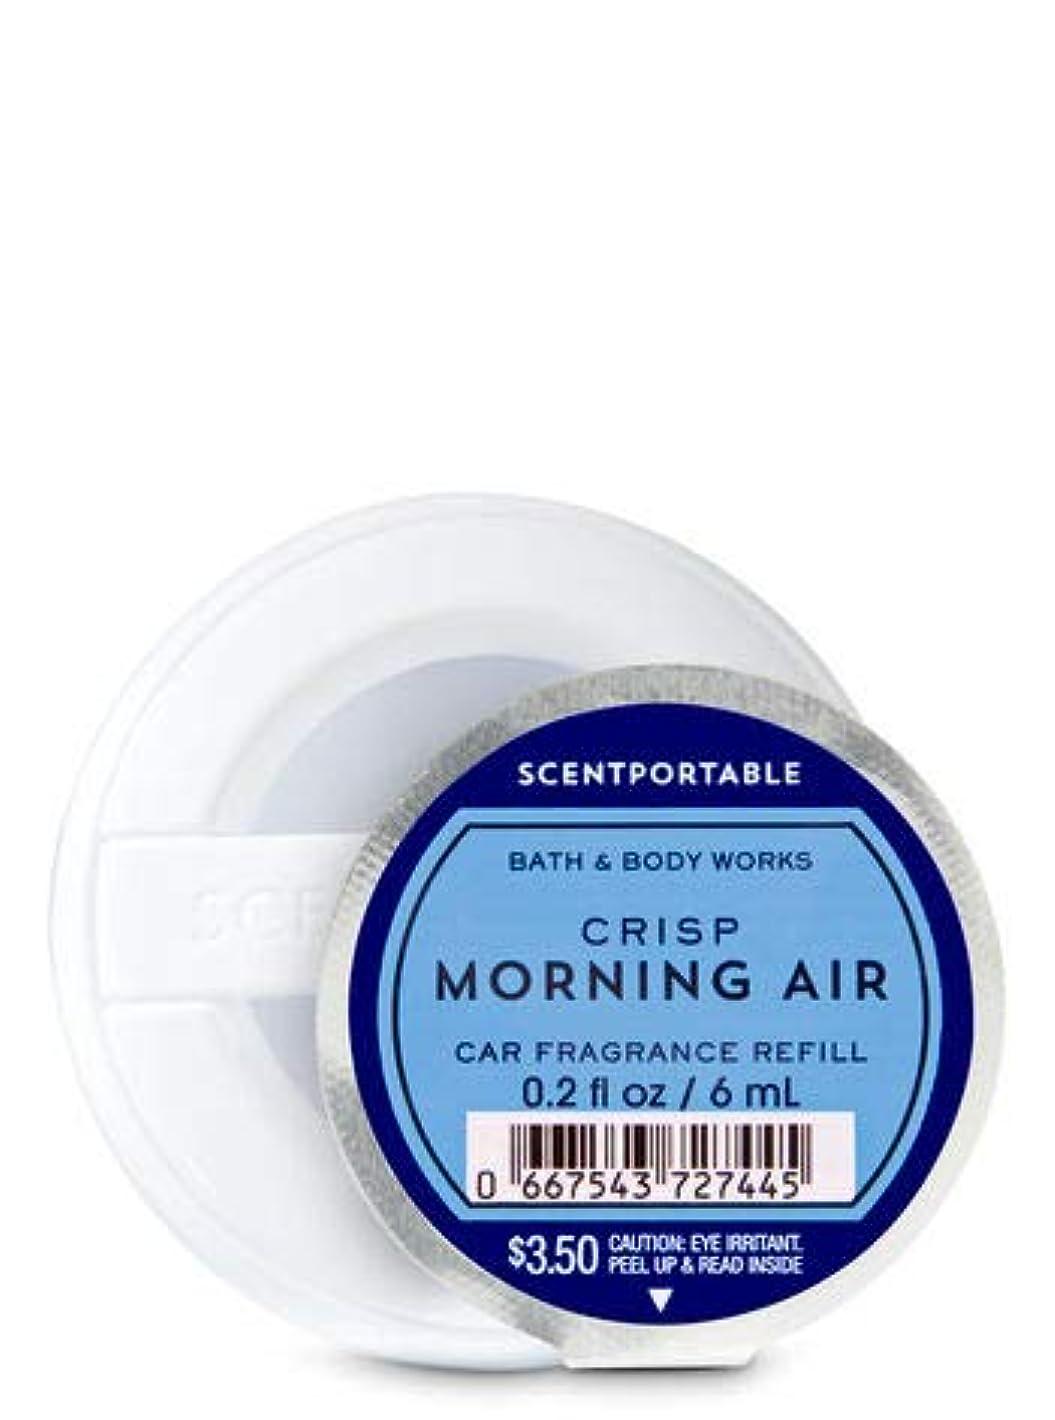 感性神社エミュレーション【Bath&Body Works/バス&ボディワークス】 クリップ式芳香剤 セントポータブル詰替えリフィル クリスプモーニングエアー Scentportable Fragrance Refill Crisp Morning Air [並行輸入品]